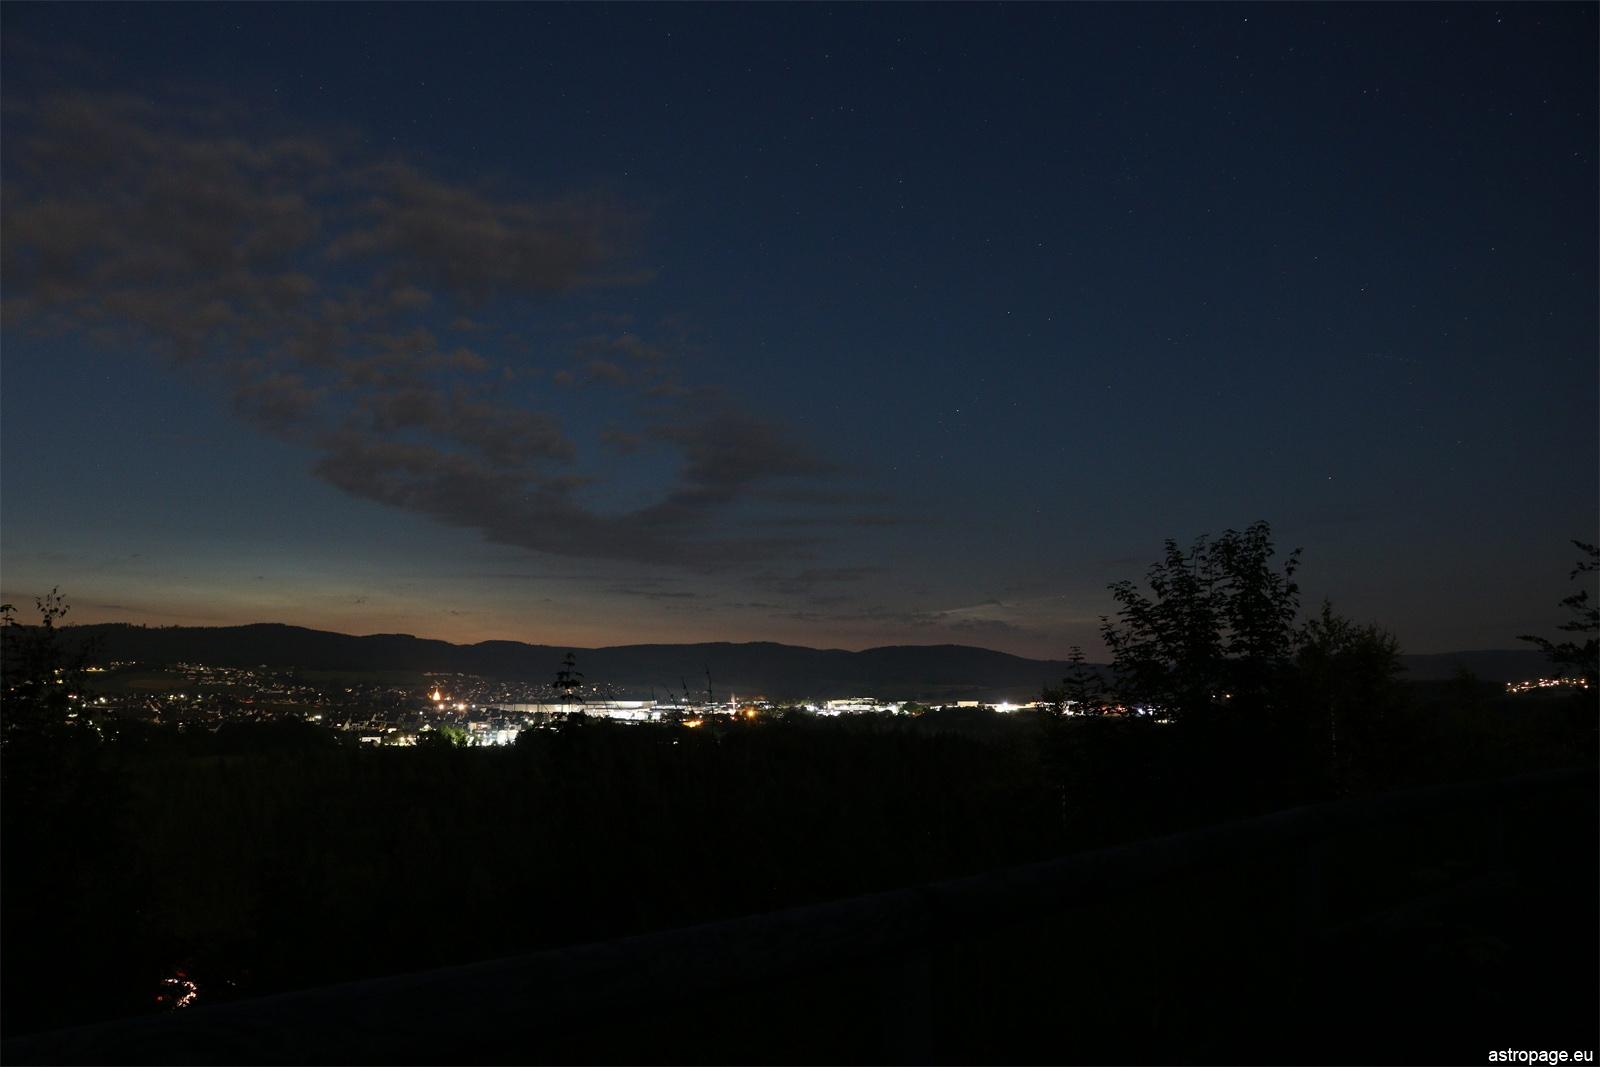 leuchtendenachtwolken18062019_lab